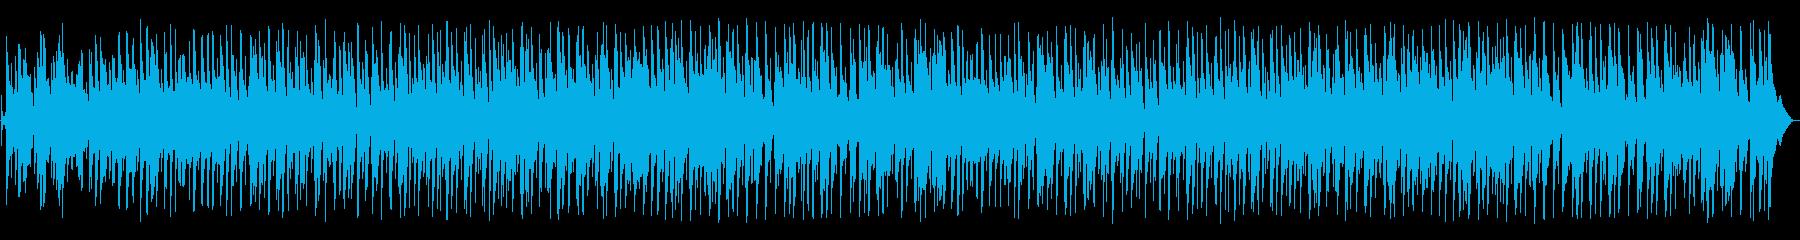 ソフトドラムとベース、素敵なピアノ...の再生済みの波形